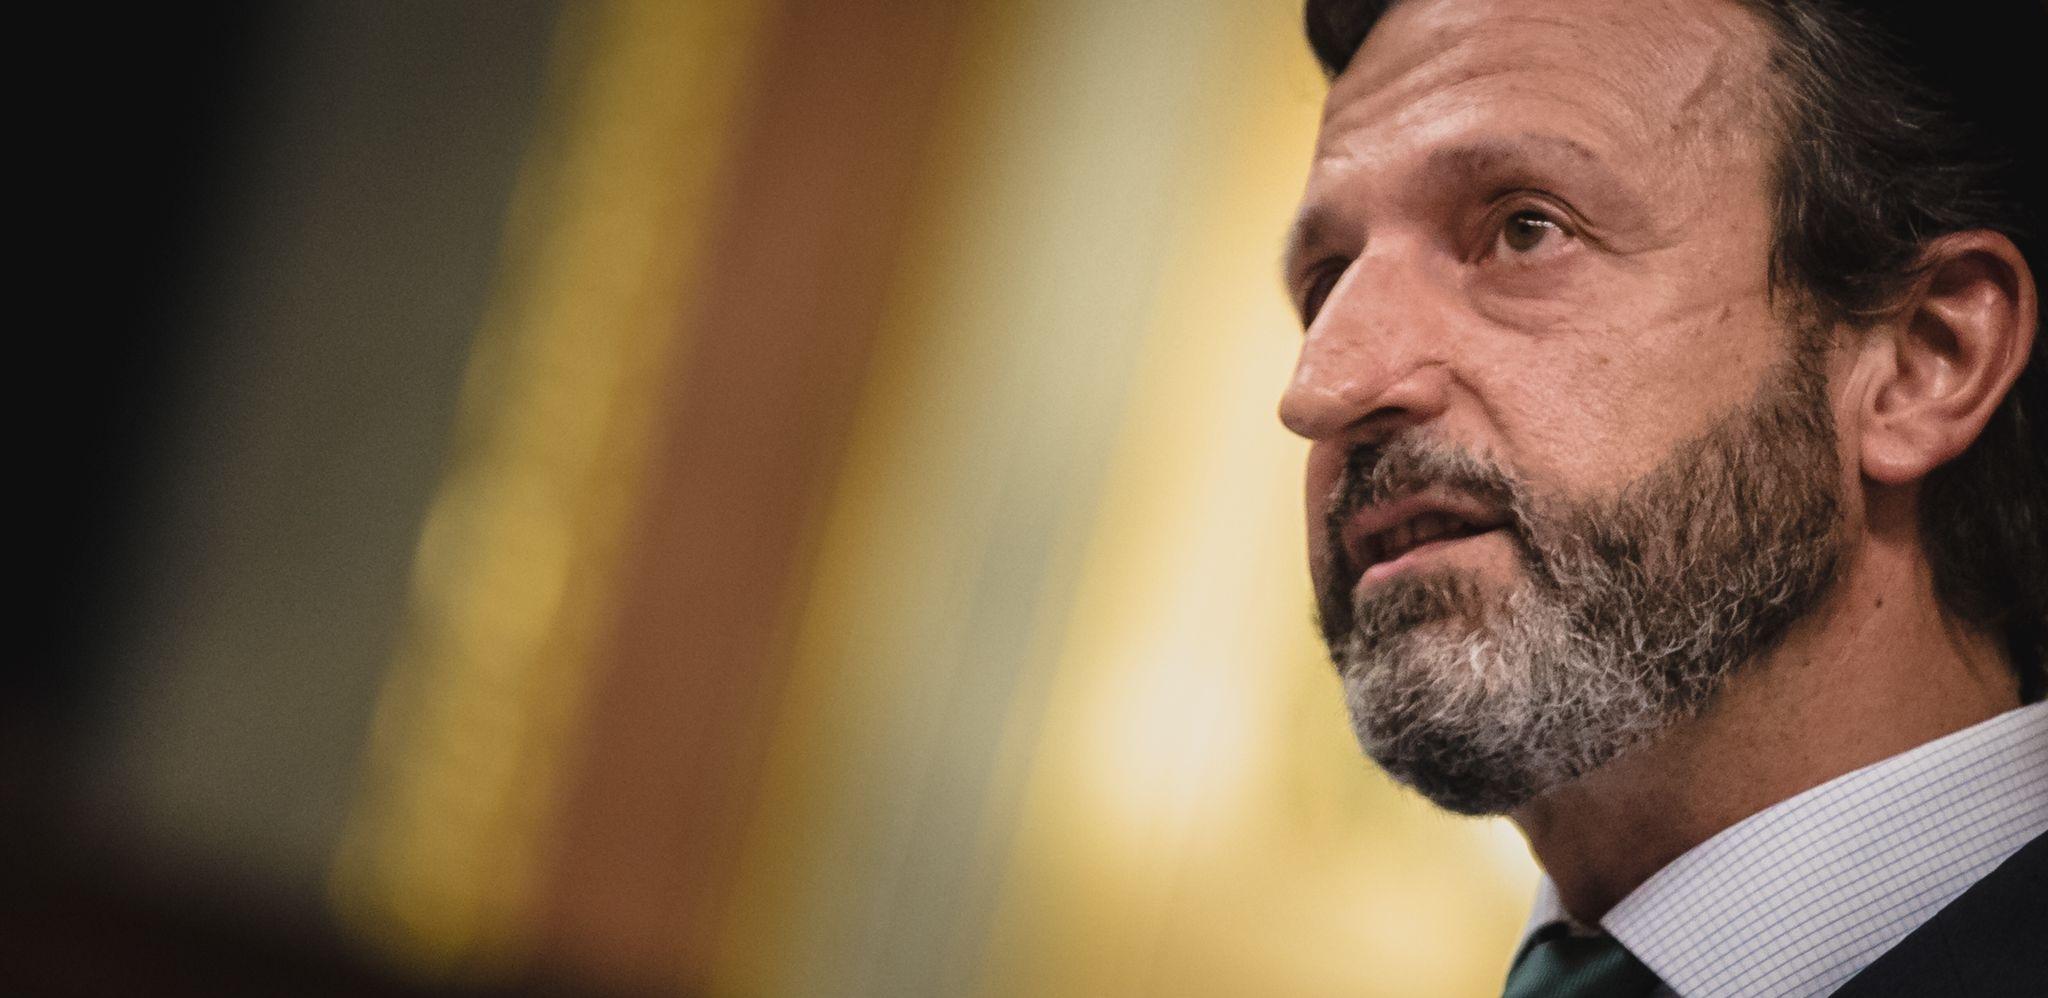 Miguel Ángel Paniagua advierte que el Gobierno puede convertirse en Cómplice de a Generalitat con los avales a los condenados por el Tribunal de Cuentas.